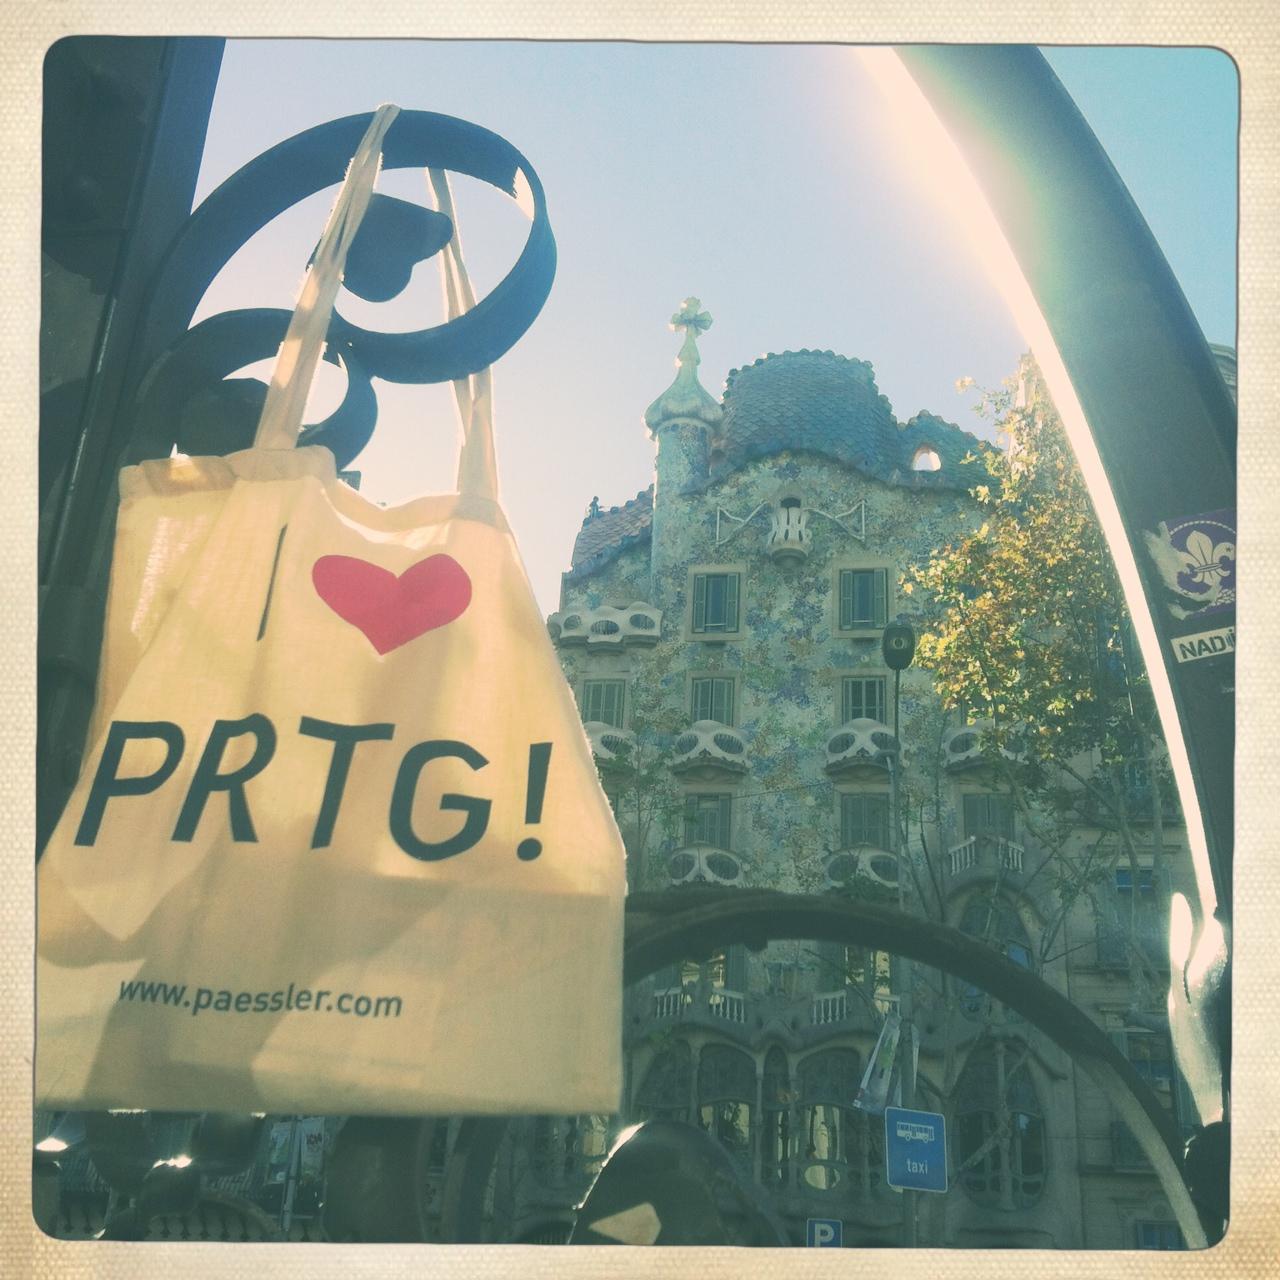 PRTG in Barcelona, Spain